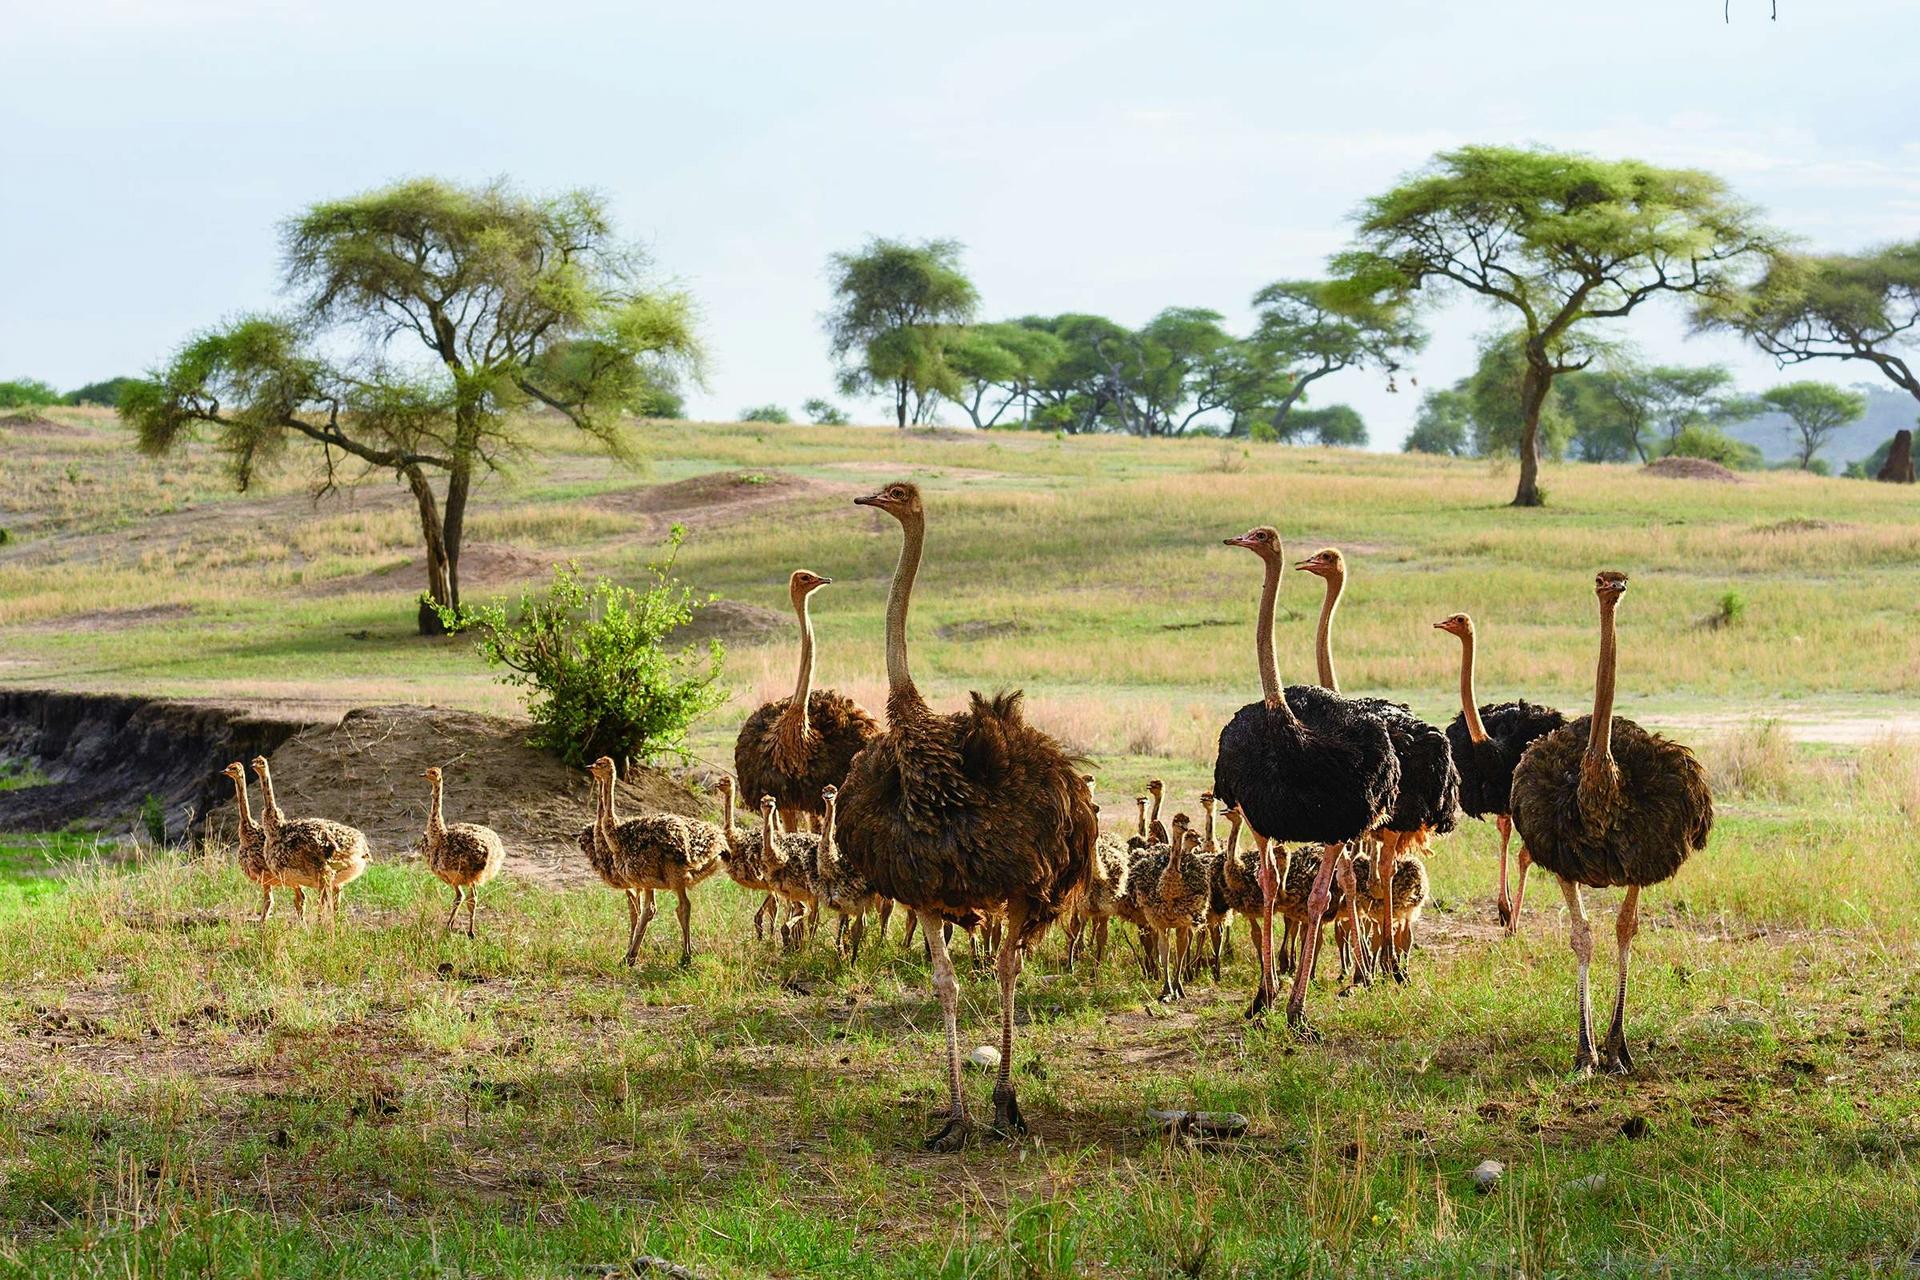 坦尚尼亞的塔蘭吉雷國家公園裡,三隻母駝鳥(黃褐色羽毛)、三隻公駝鳥(黑色羽毛)和42隻幼鳥密切留意是否有胡狼與其他掠食者出沒。在共同的巢裡孵化的幼鳥會待在一起長達一、兩年。Photo by KLAUS NIGGE(克勞斯.尼格)